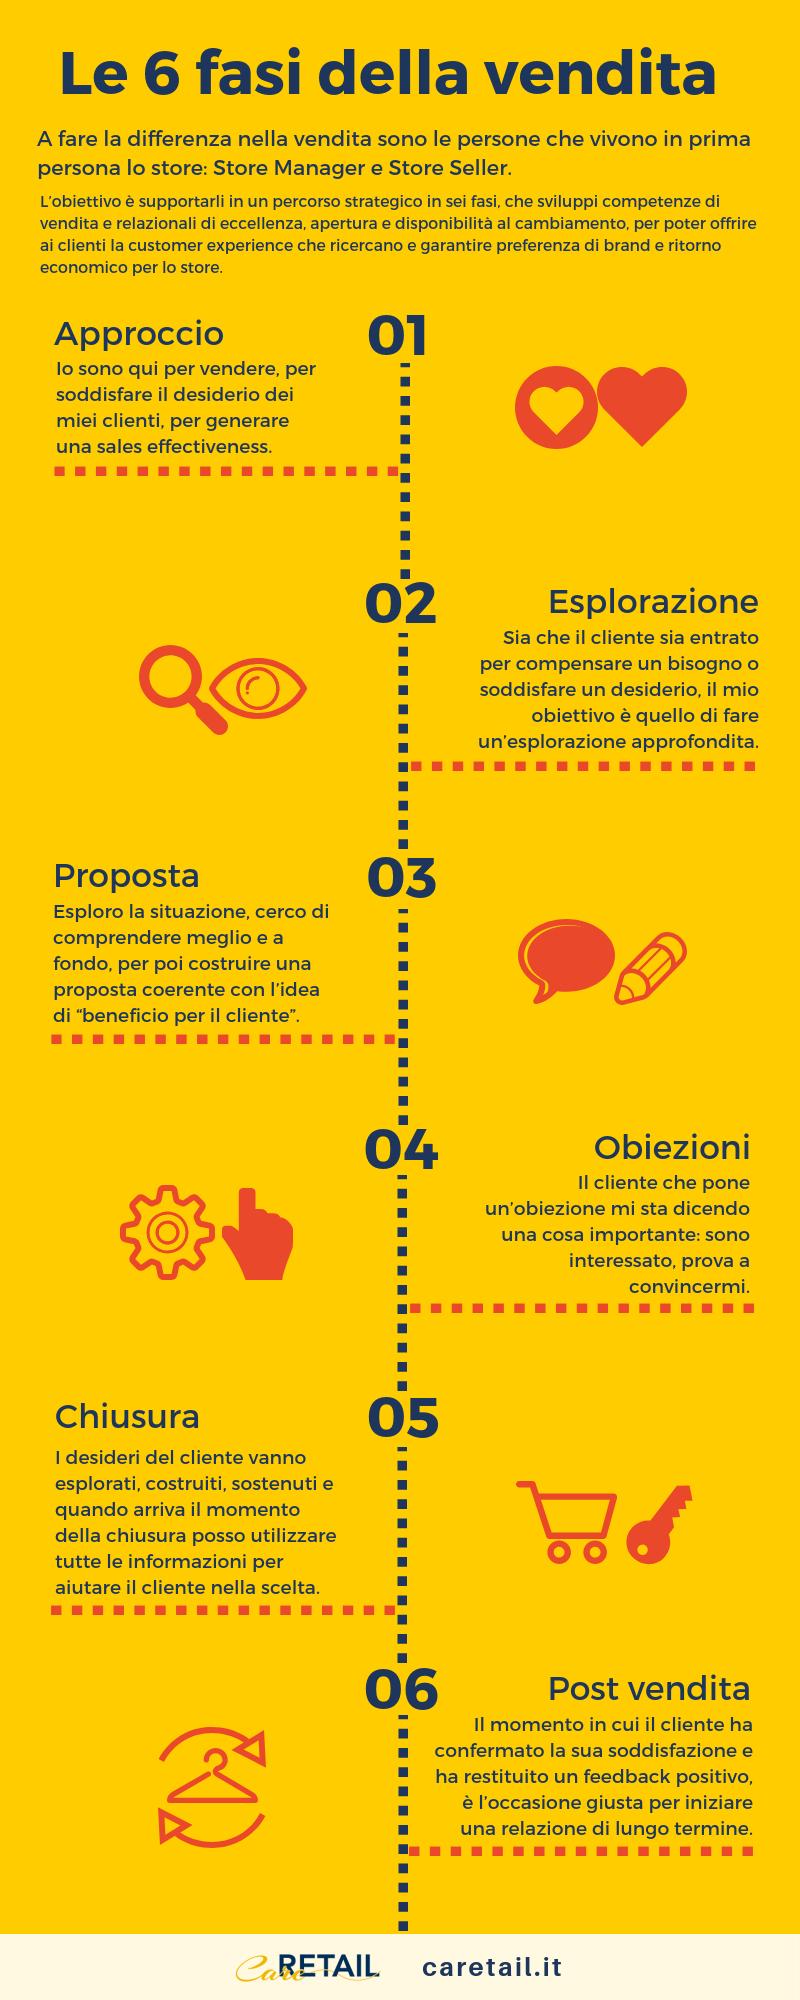 Caretail - Le sei fasi della vendita